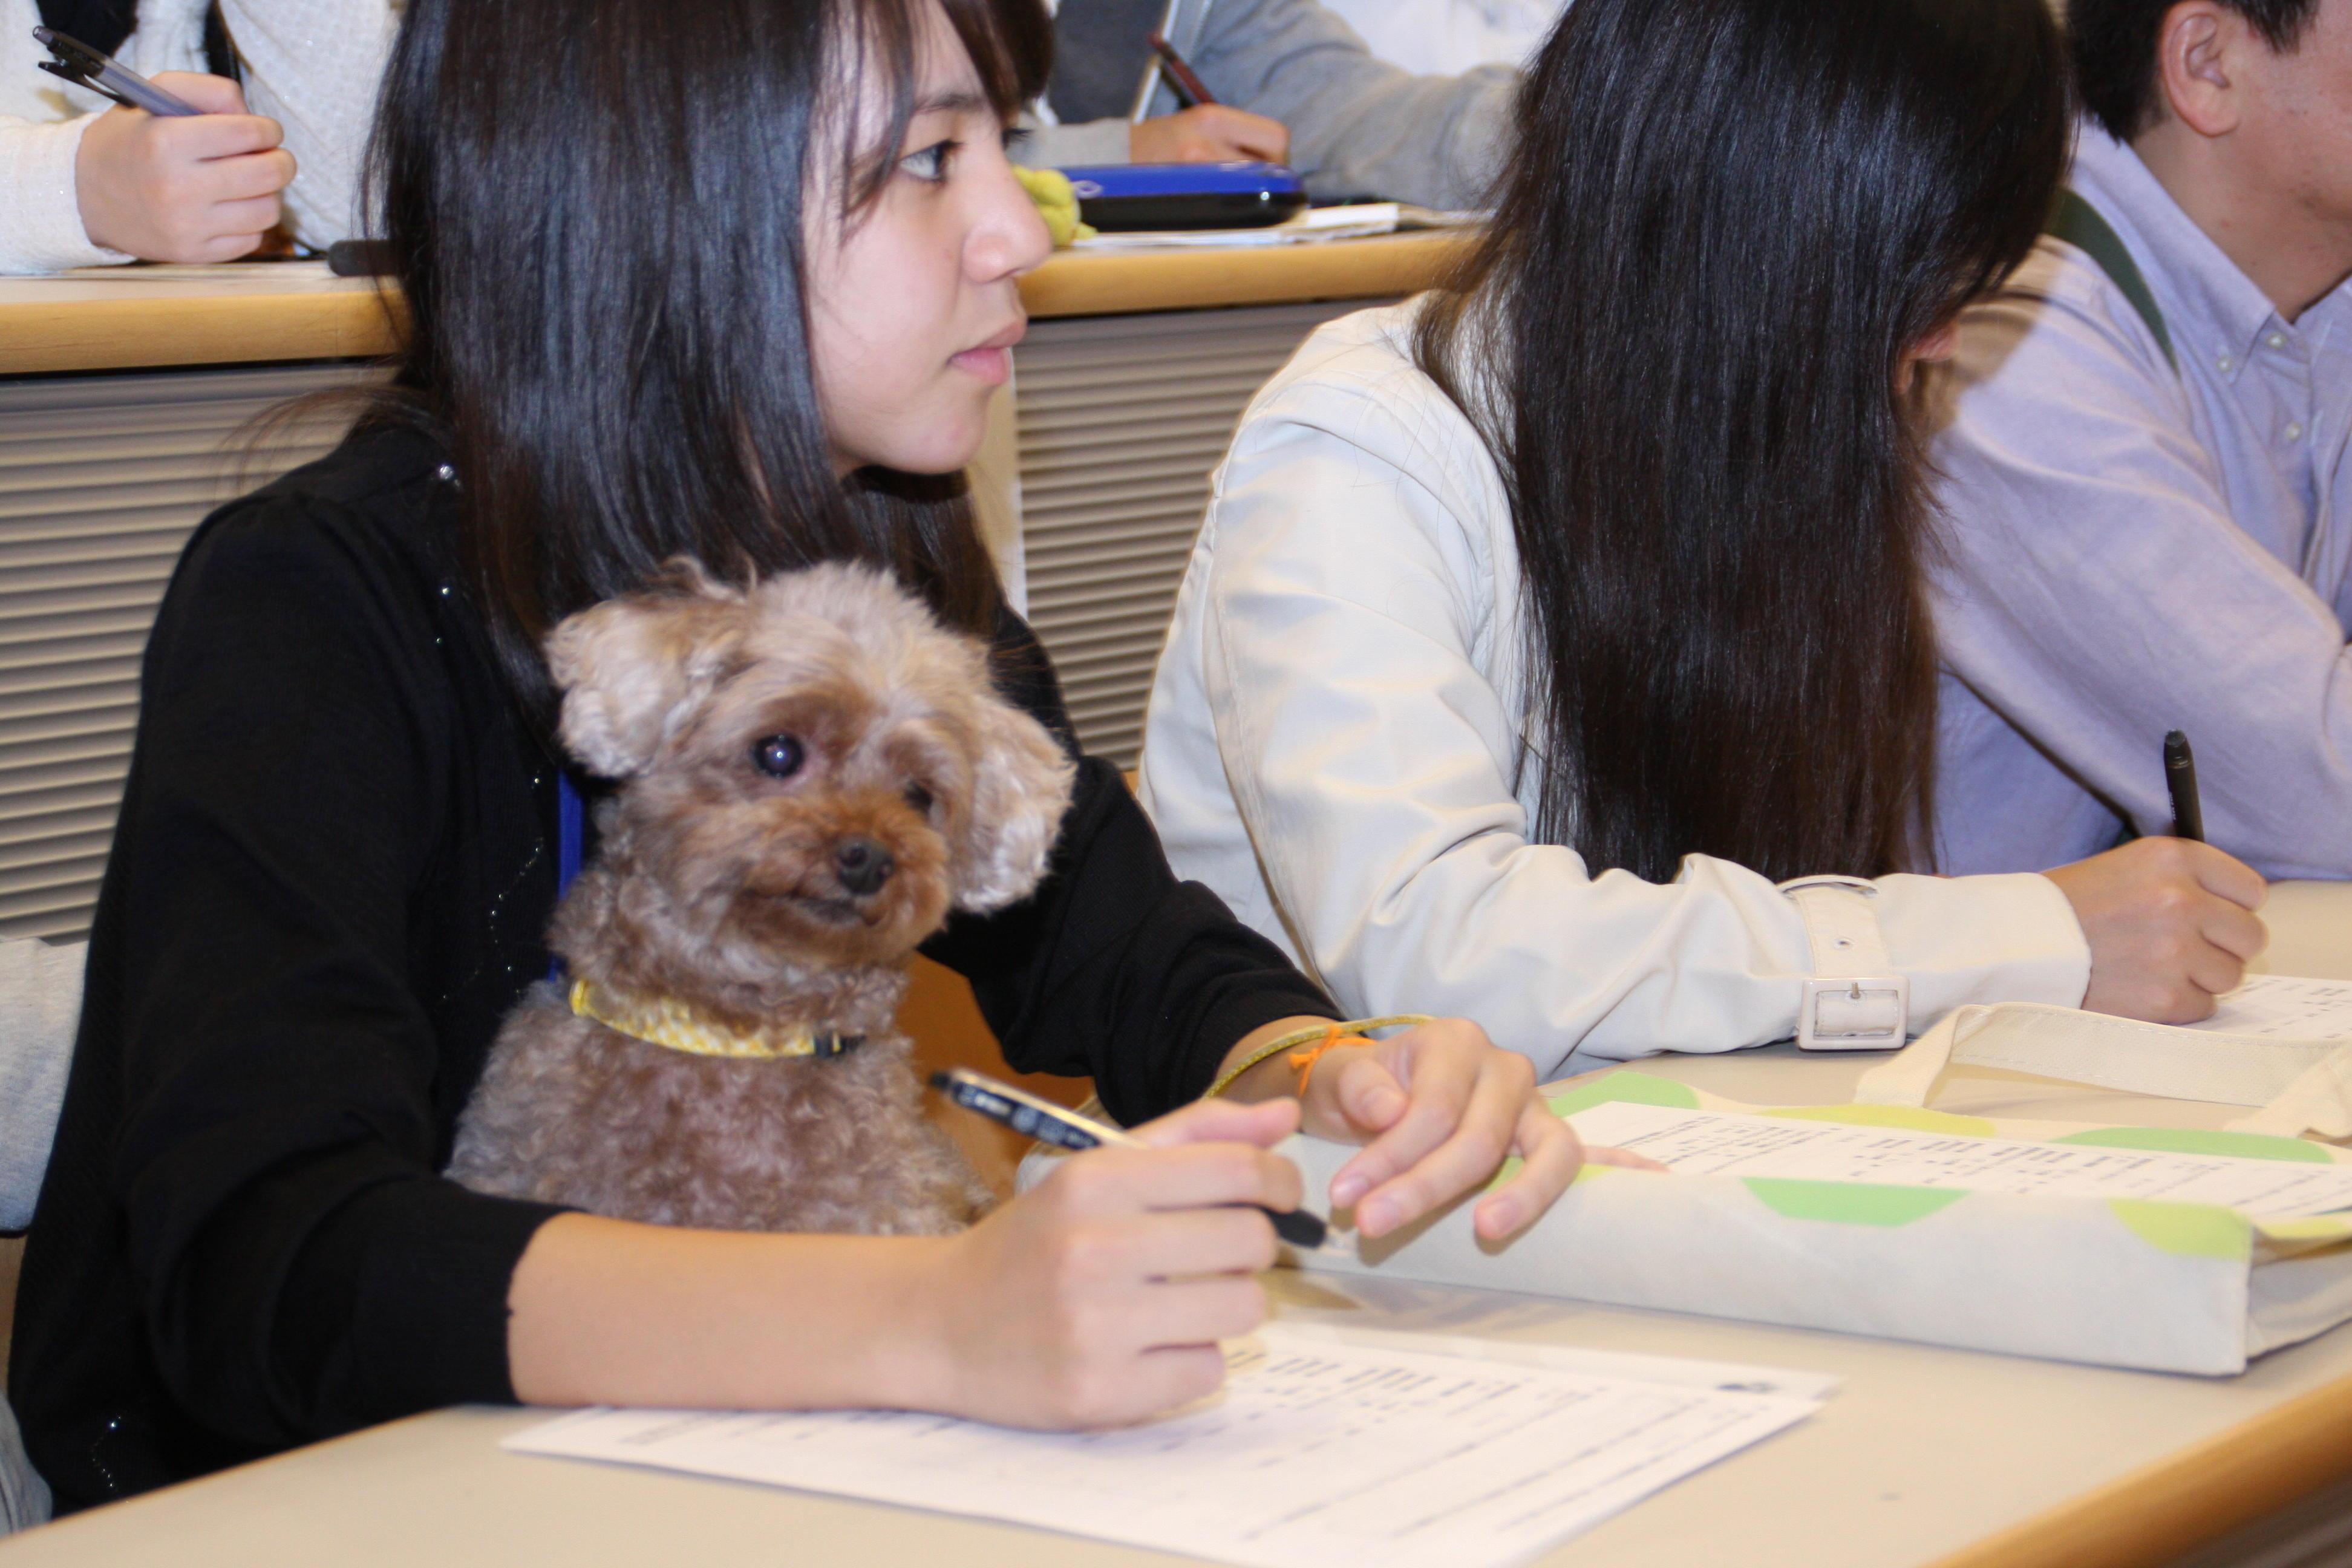 ~愛犬と一緒に参加して健康について学ぼう! 公開講座「ヒトがイヌと歩くということ」及びドッグ・ウォーキングフェスティバル開催のお知らせ